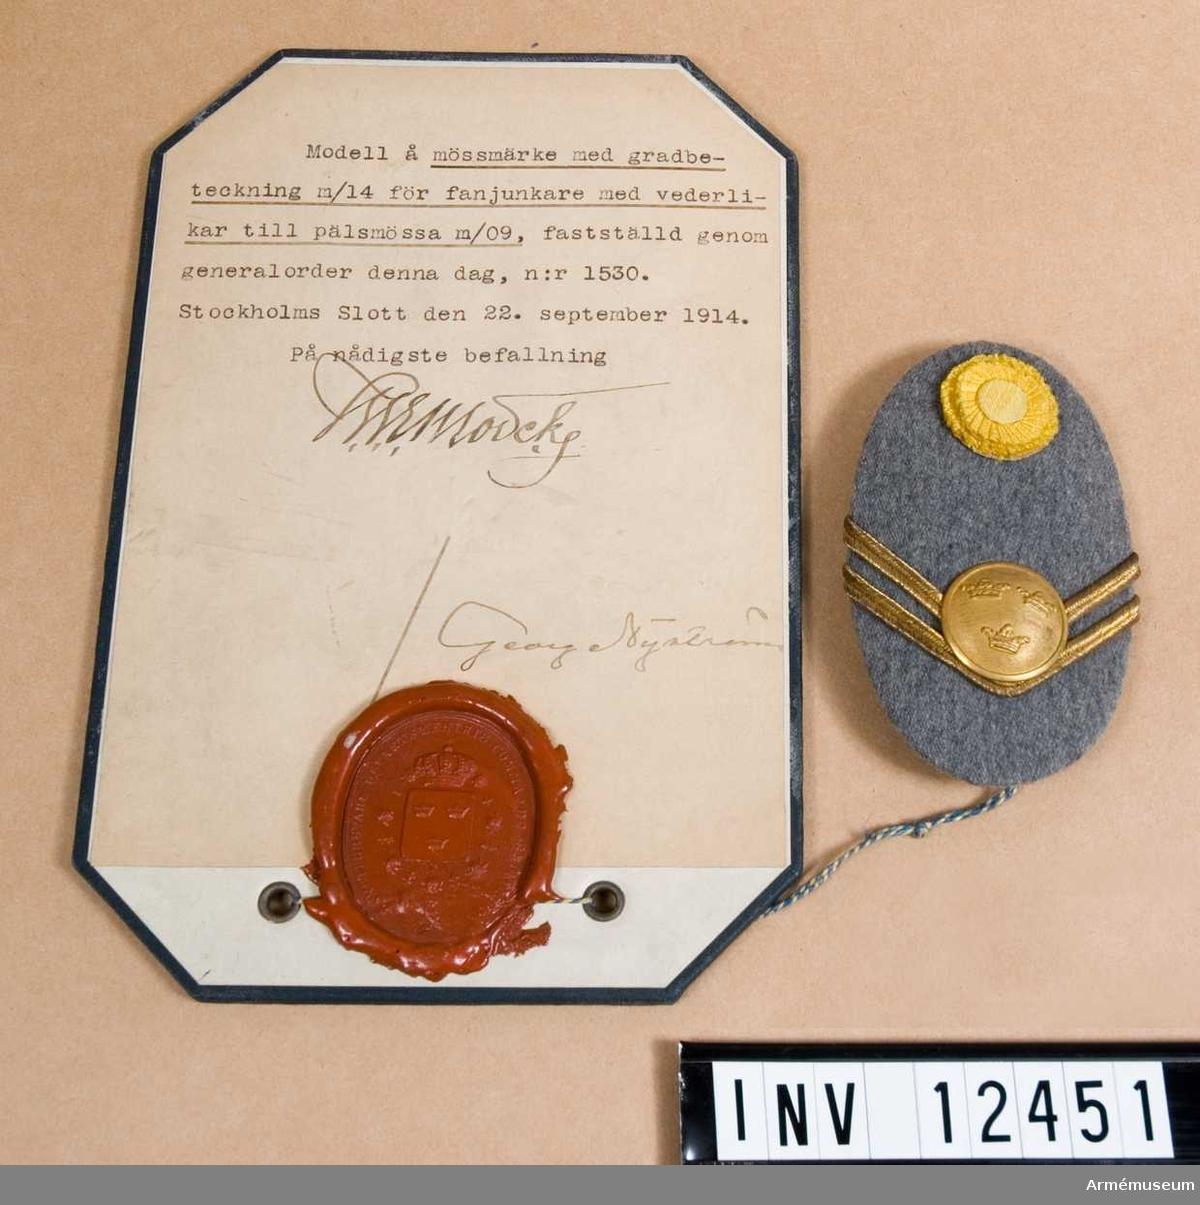 Grupp C I. Modell på mössmärke med gradbeteckning m/1914 för fanjunkare med vederlikar till pälsmössa m/1909.  Från intendenturens modellkammare.